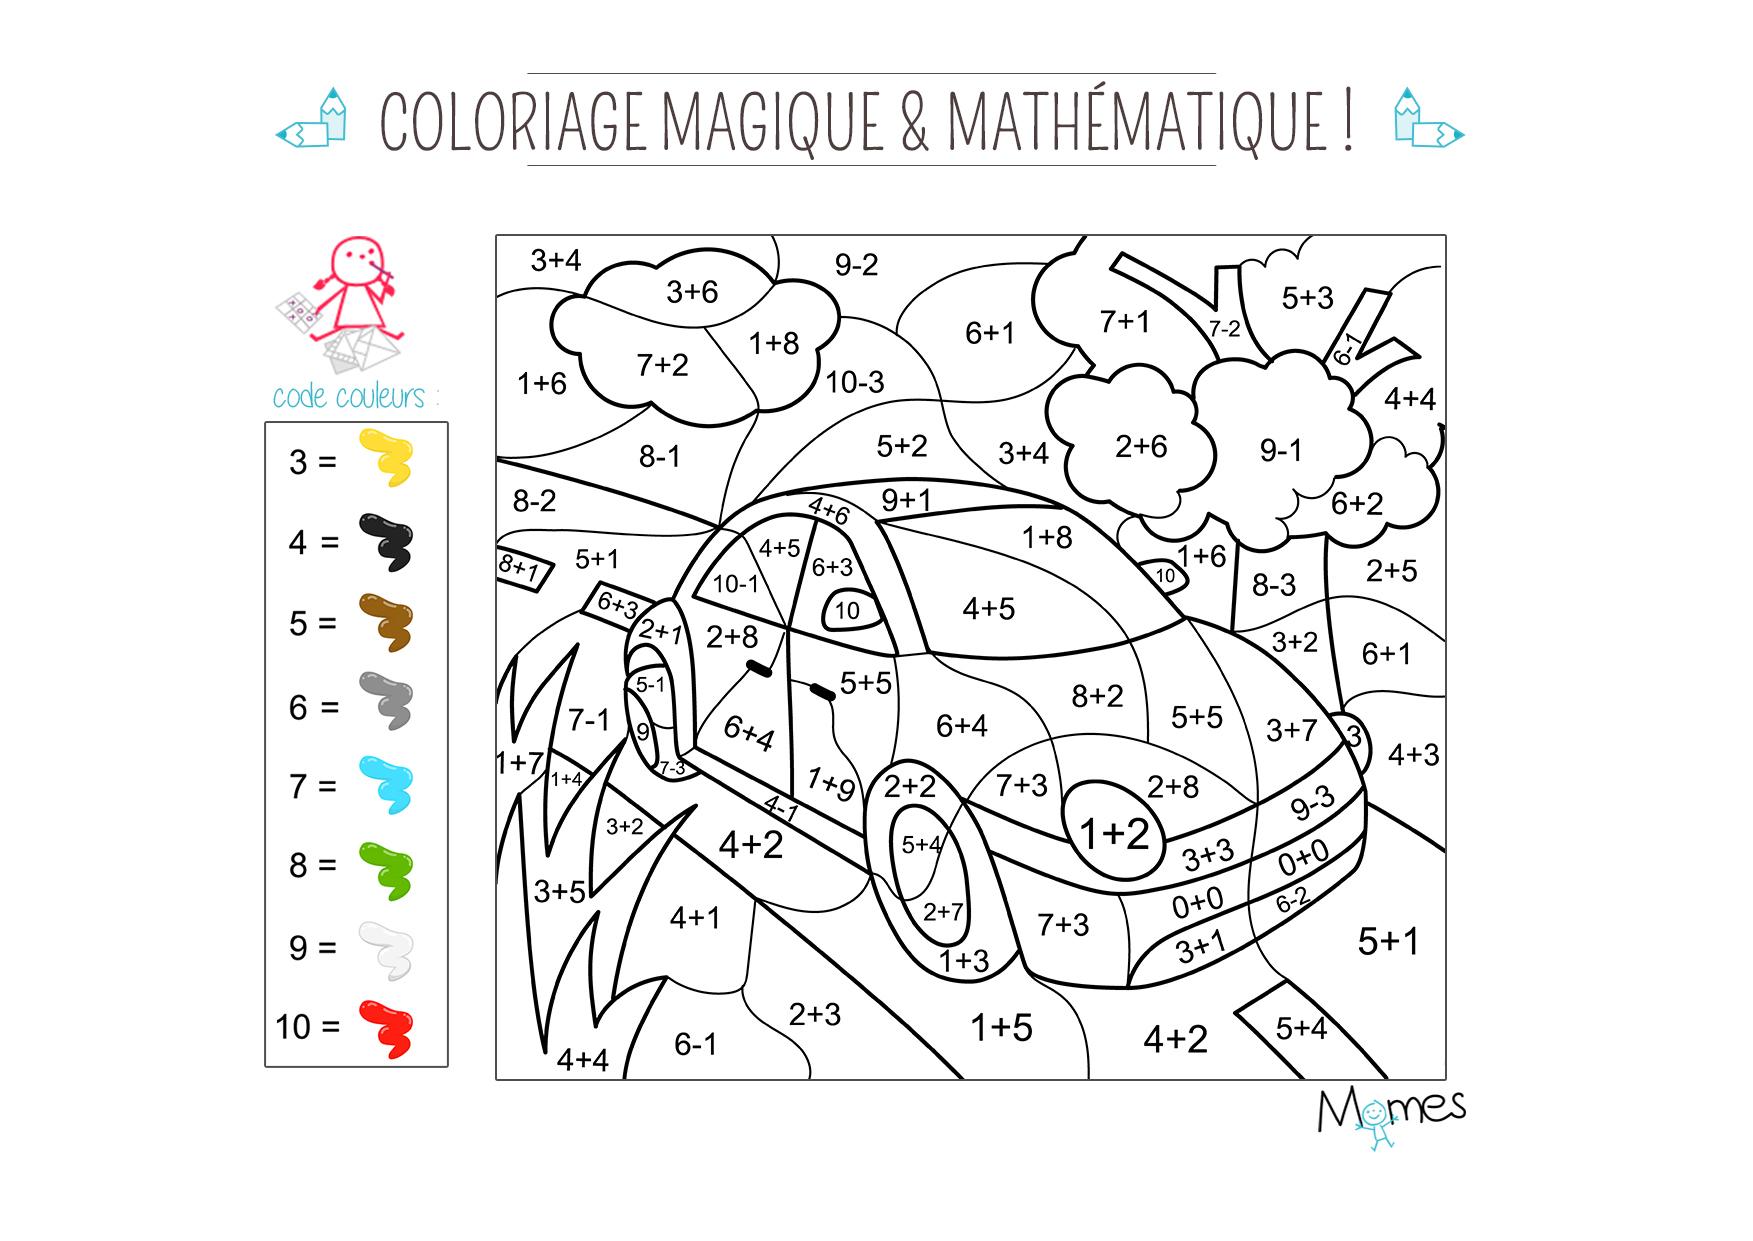 Coloriage Magique De Voiture | Haut Coloriage Hd-Images Et serapportantà Coloriage Magique Cp À Imprimer